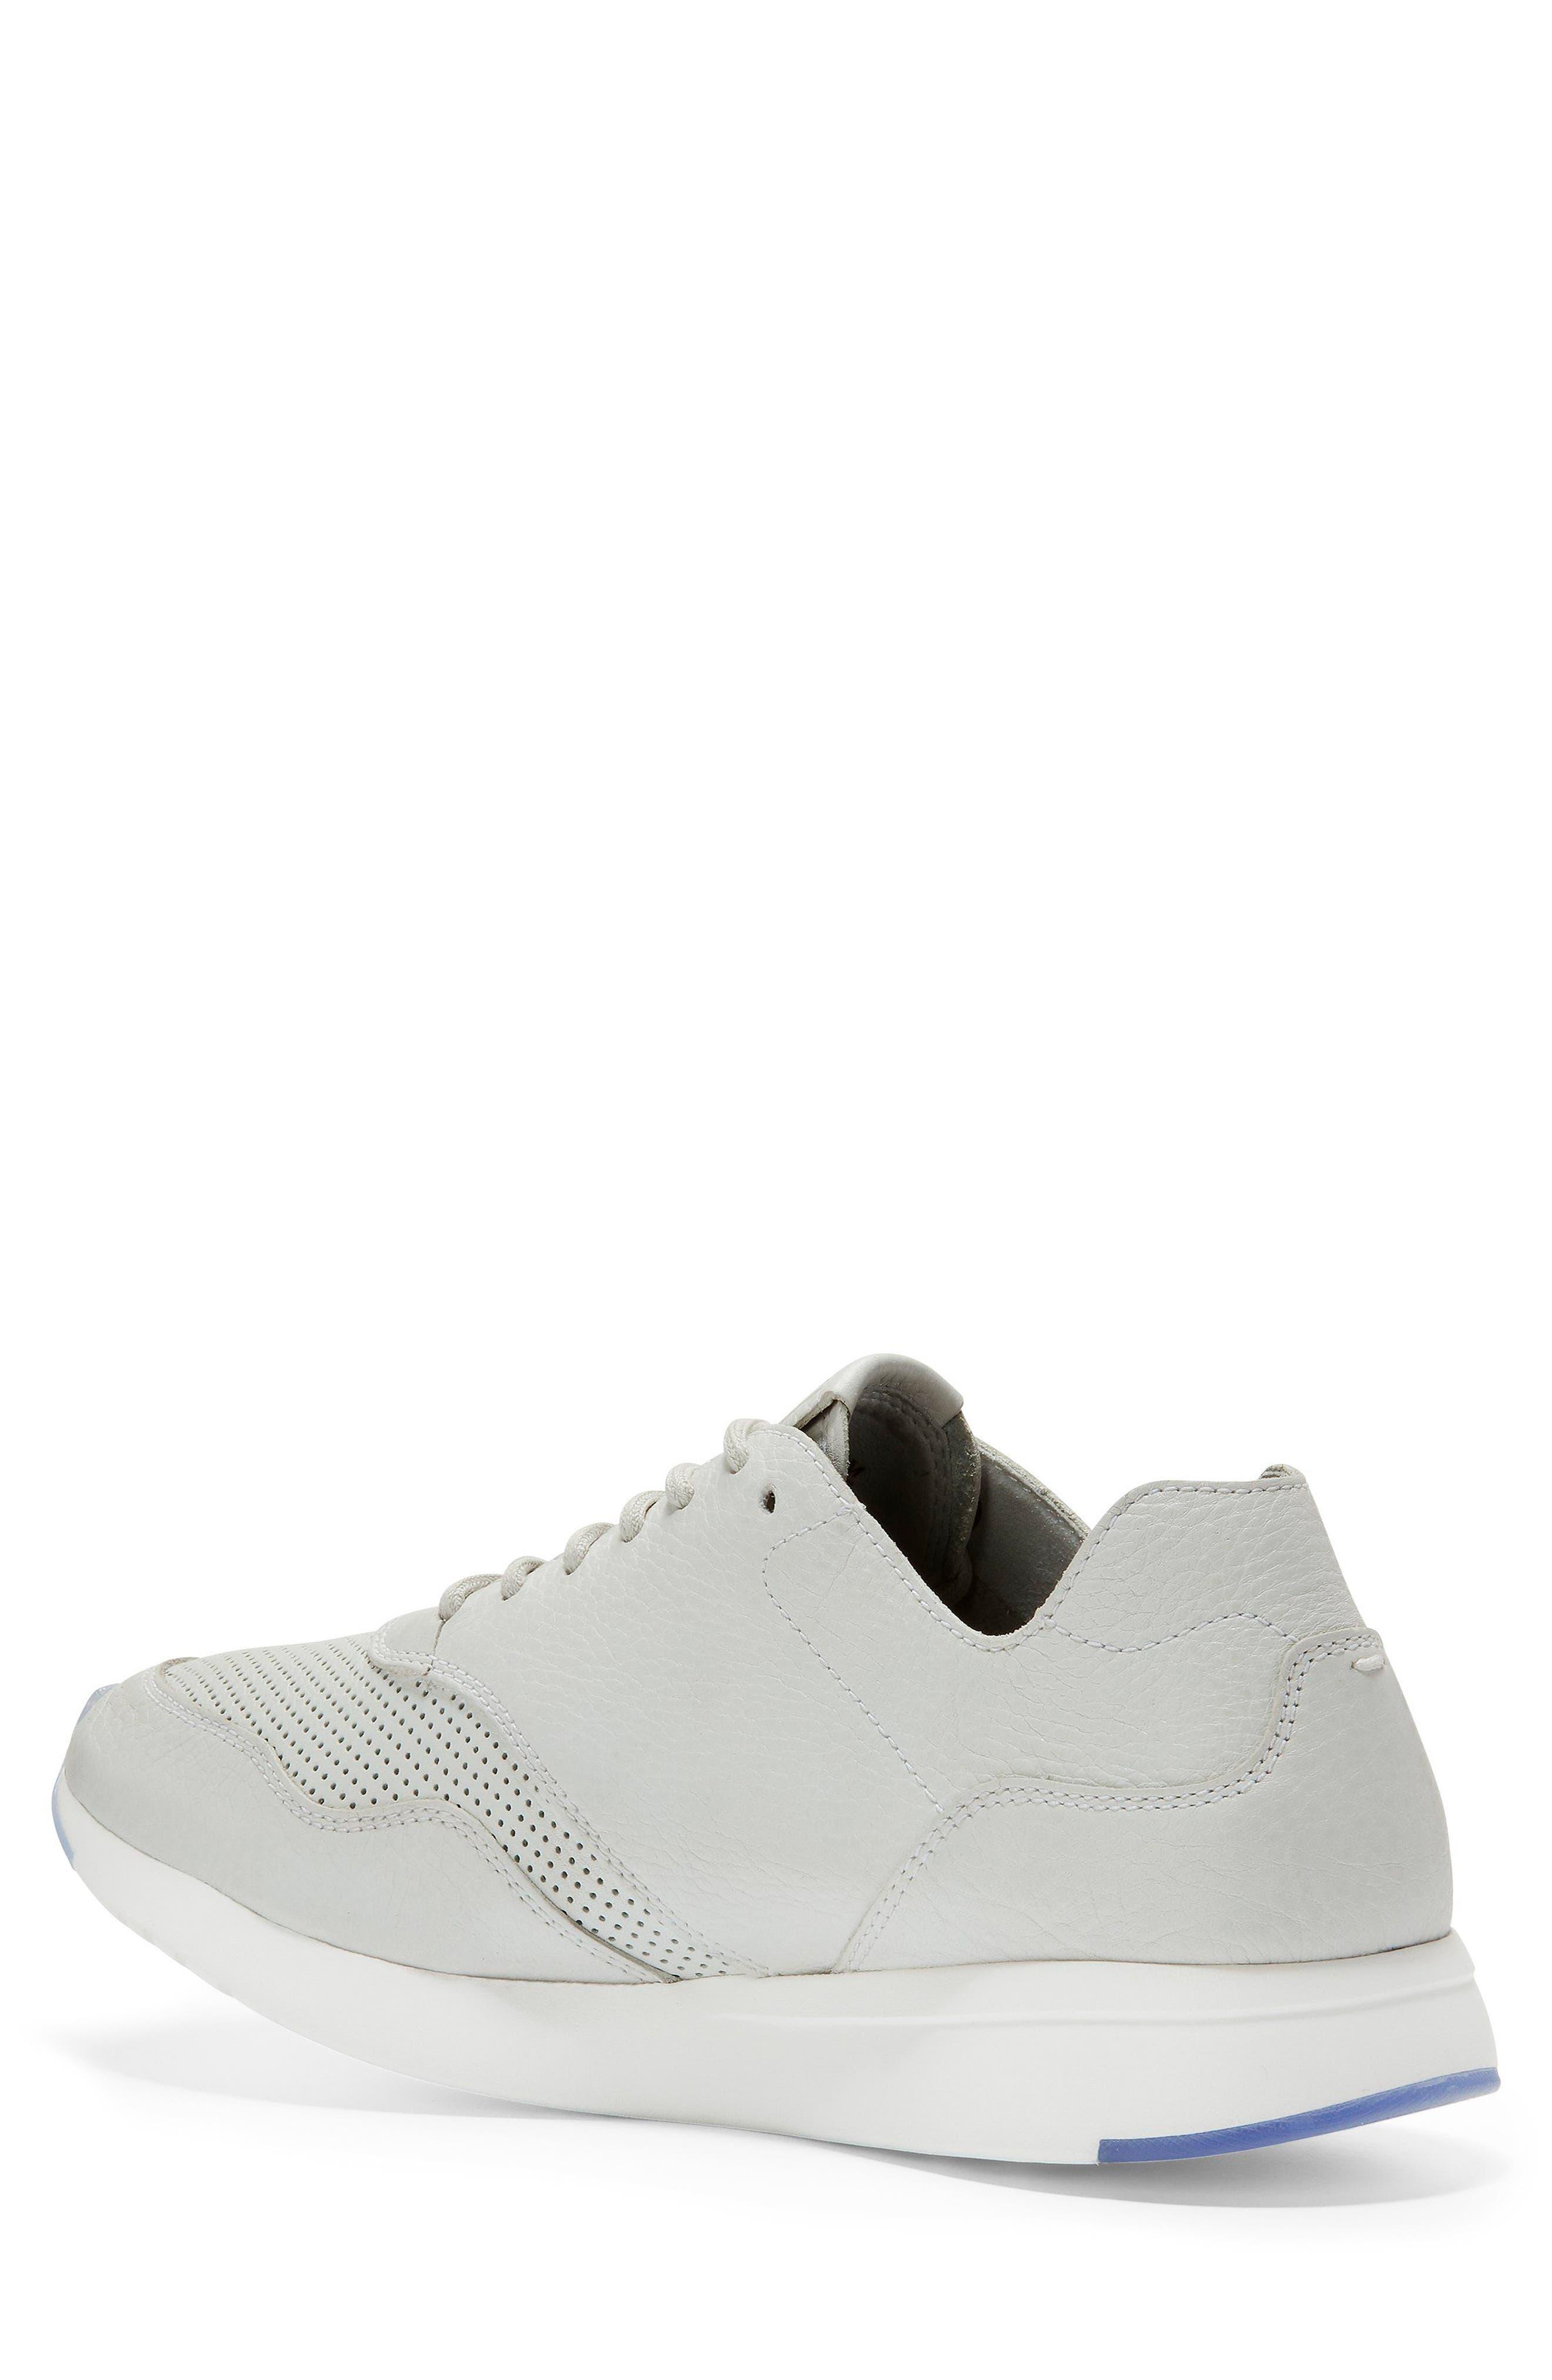 GrandPrø Deconstructed Running Sneaker,                             Alternate thumbnail 2, color,                             White Leather